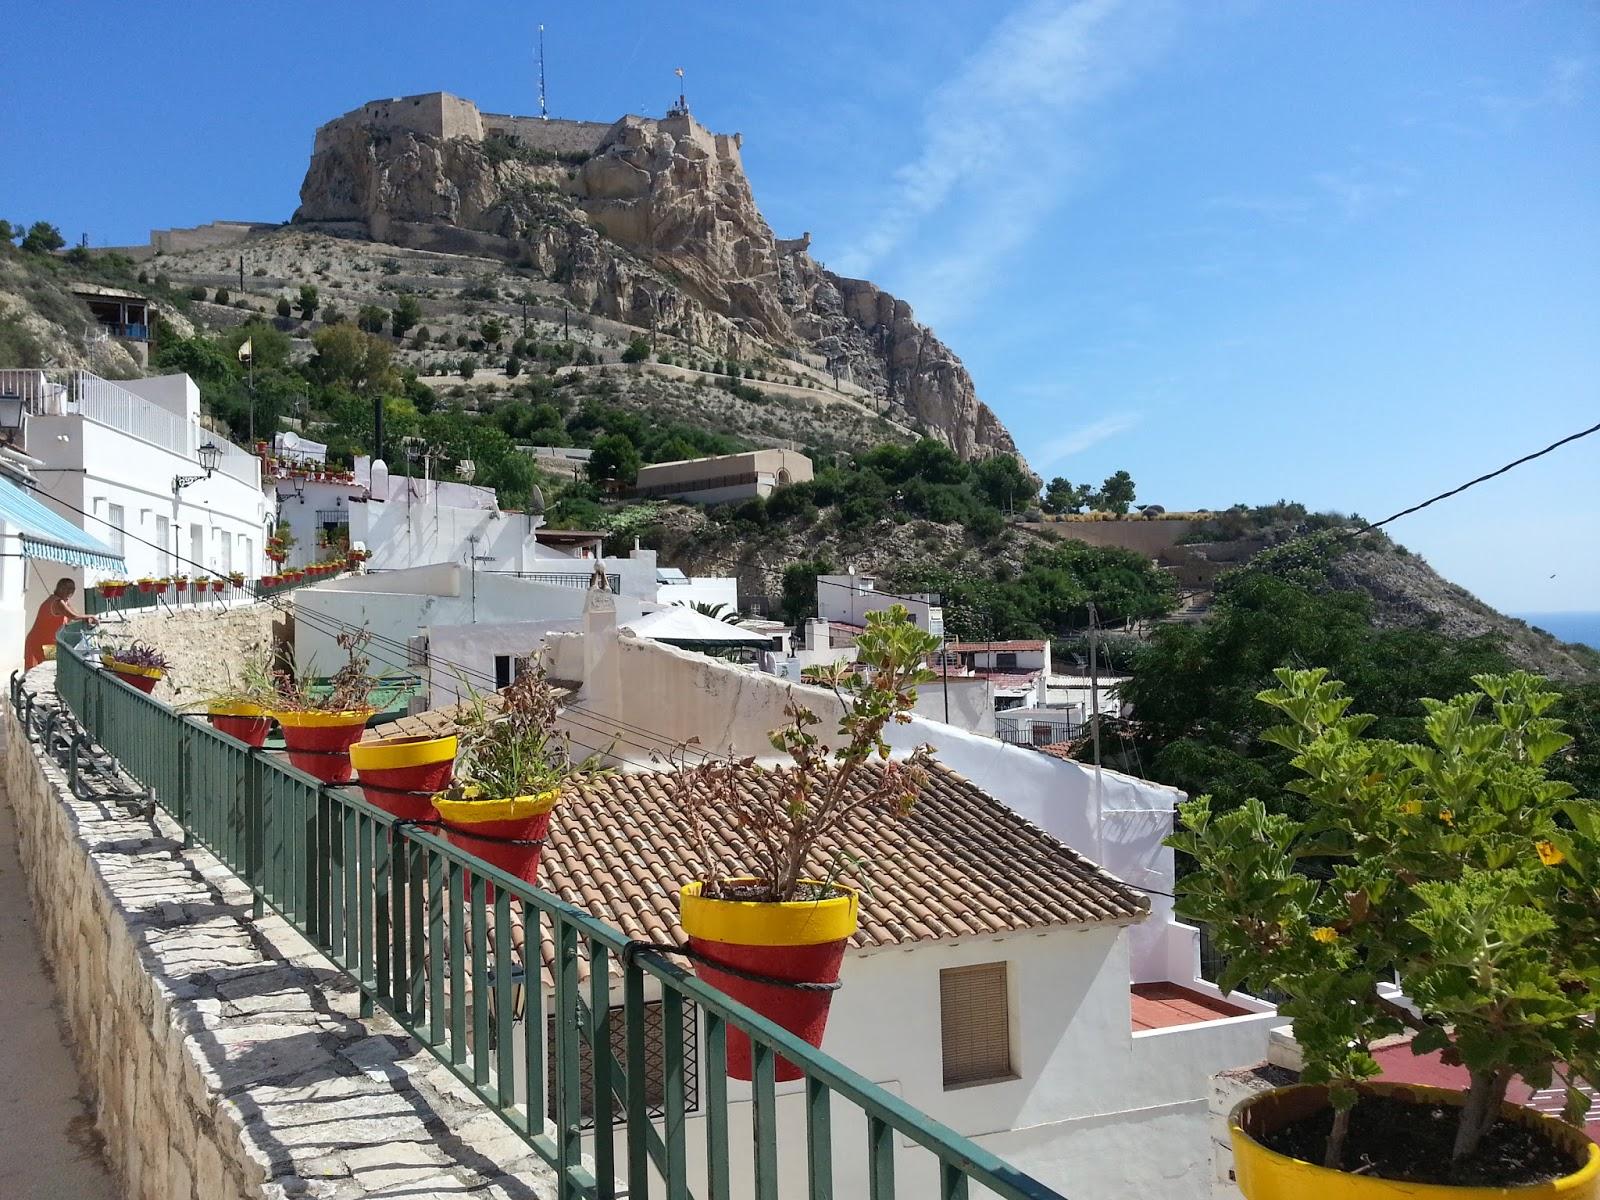 Mirador de Santa Cruz, Alicante